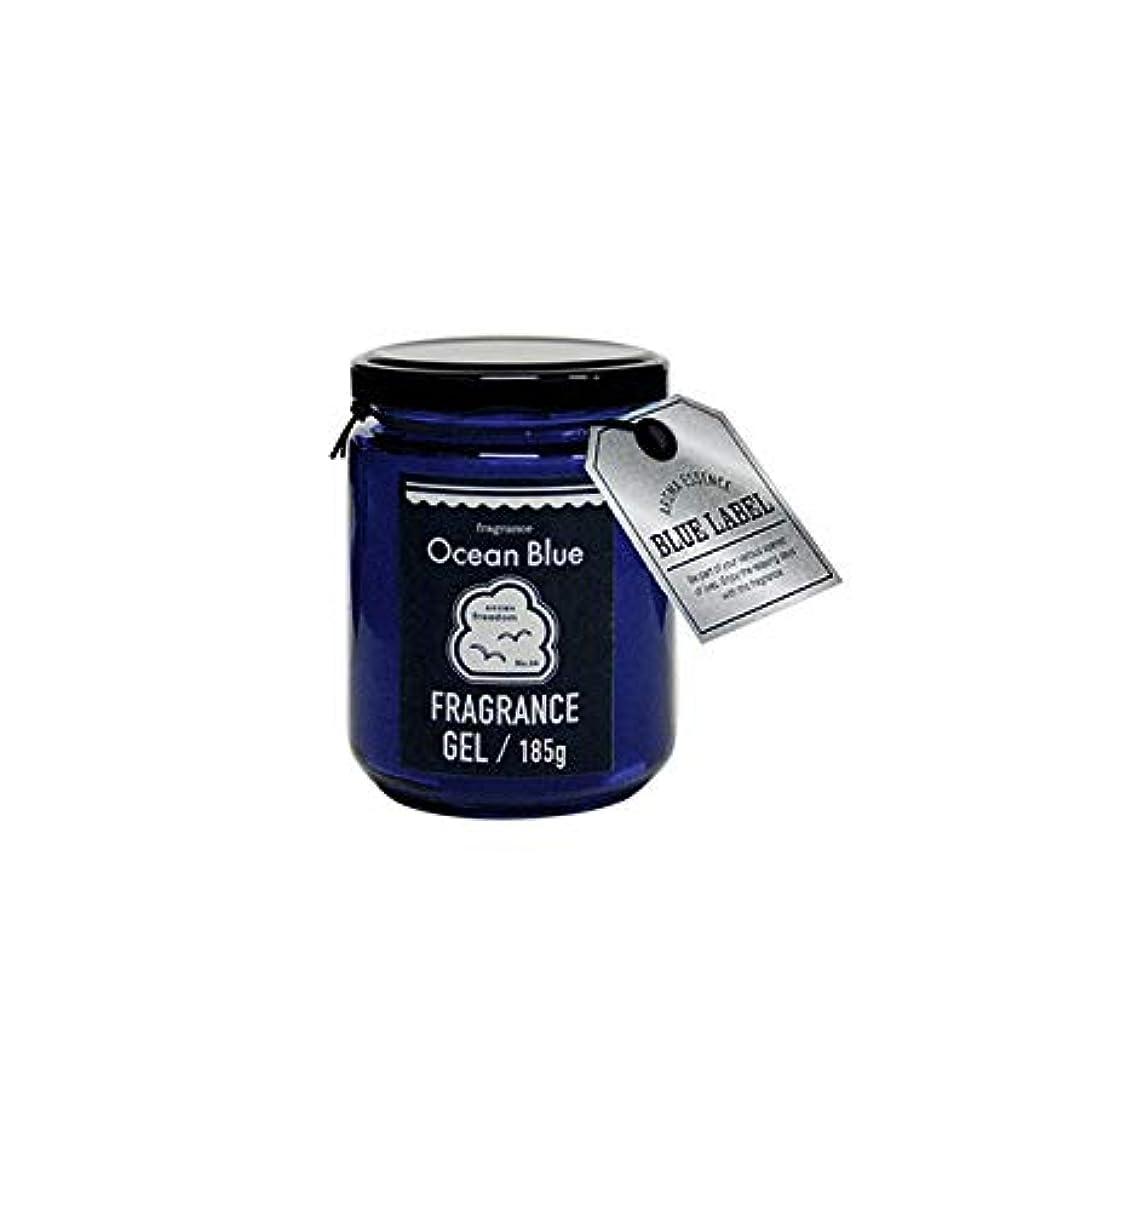 バリアメディカル町ブルーラベル ブルー フレグランスジェル185g オーシャンブルー(ルームフレグランス 約1-2ヶ月 海の爽快な香り)